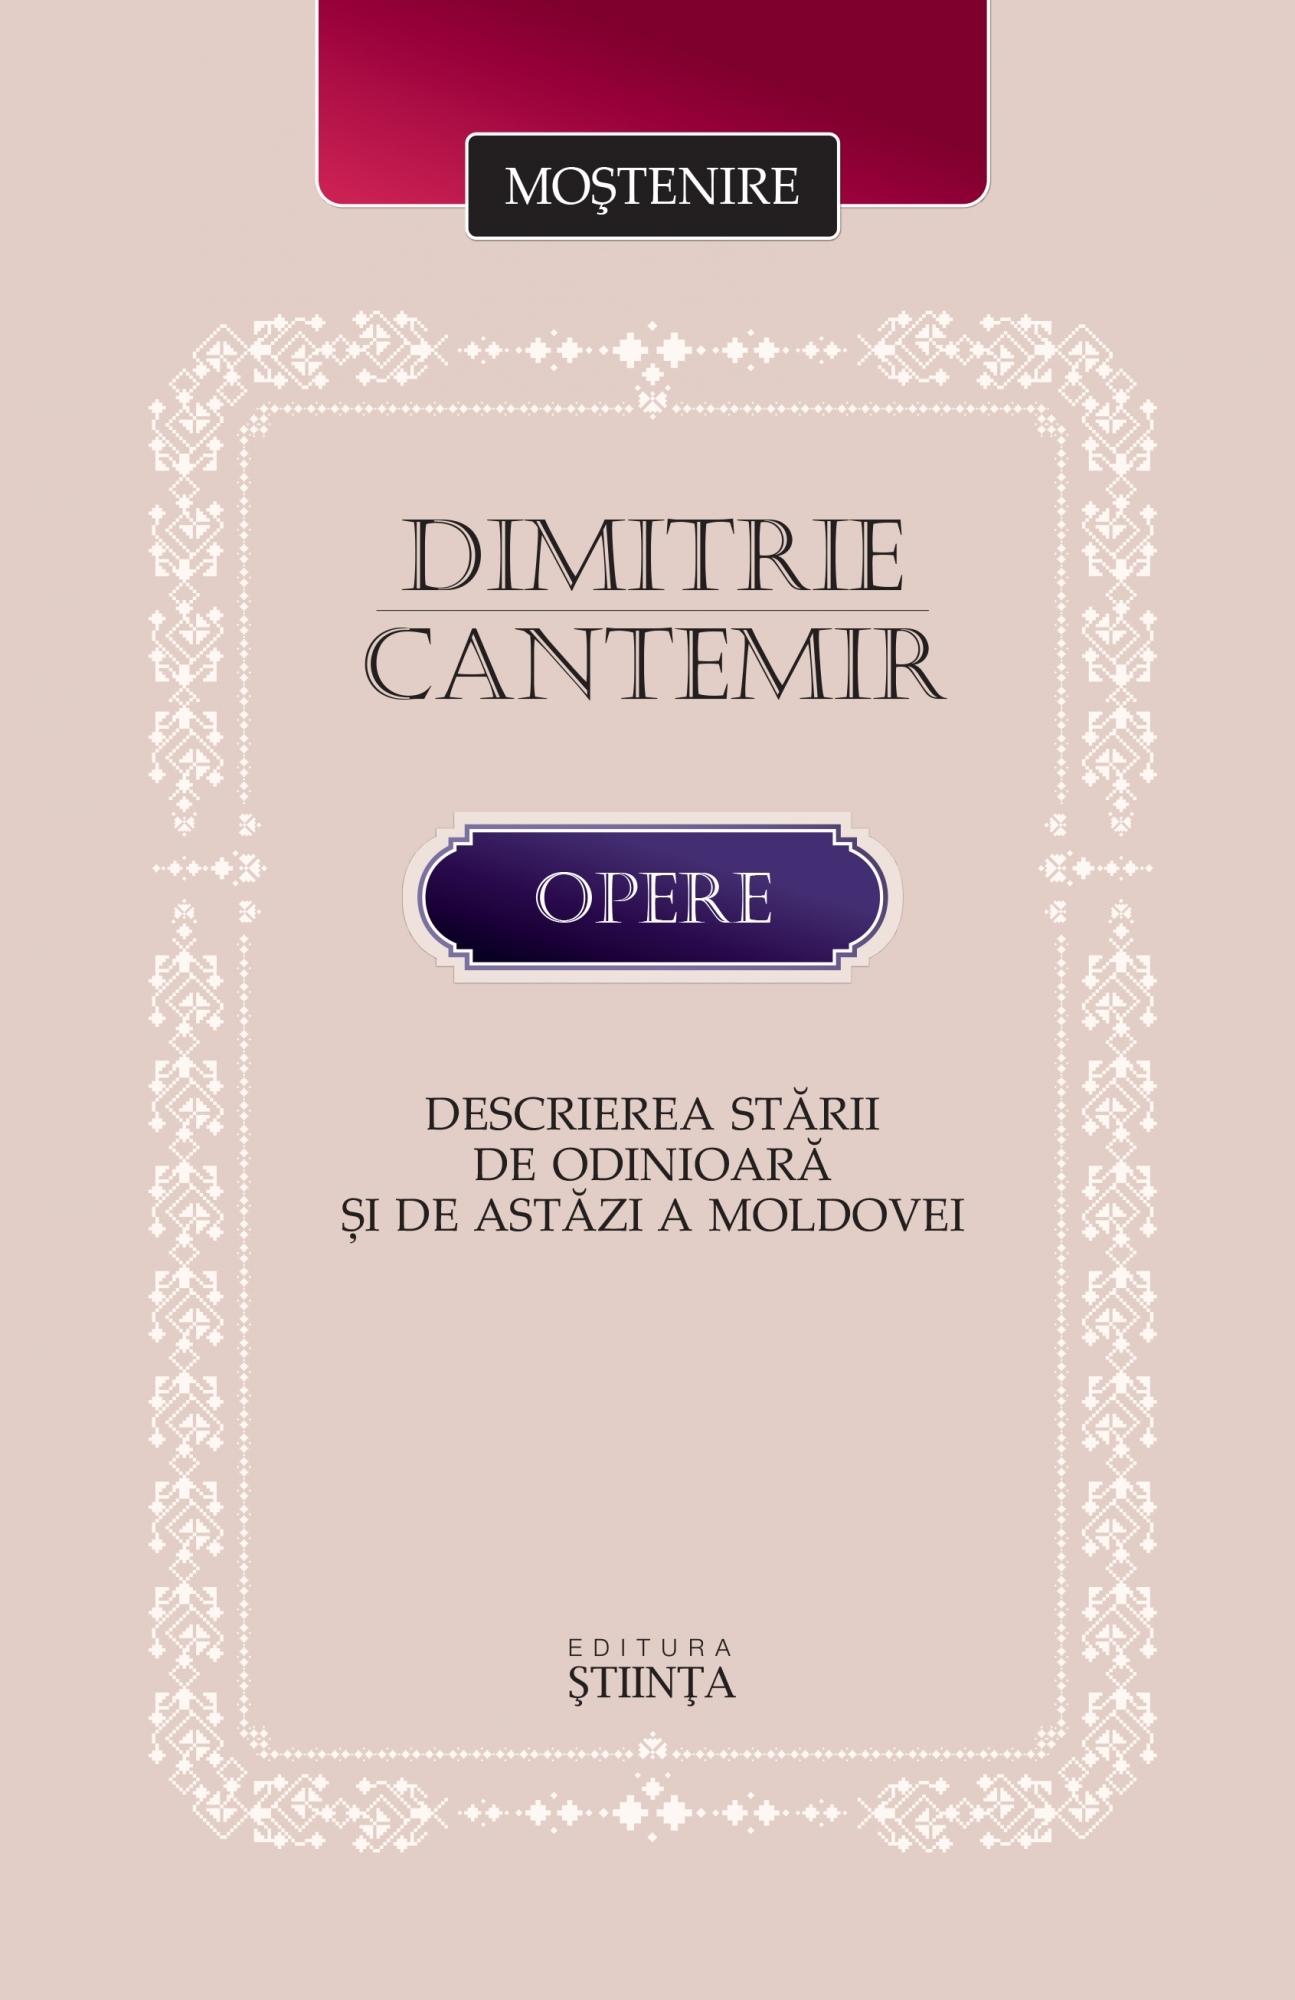 Dimitrie Cantemir. Opere. Descrierea starii de odinioara si de astazi a Moldovei | Dimitrie Cantemir